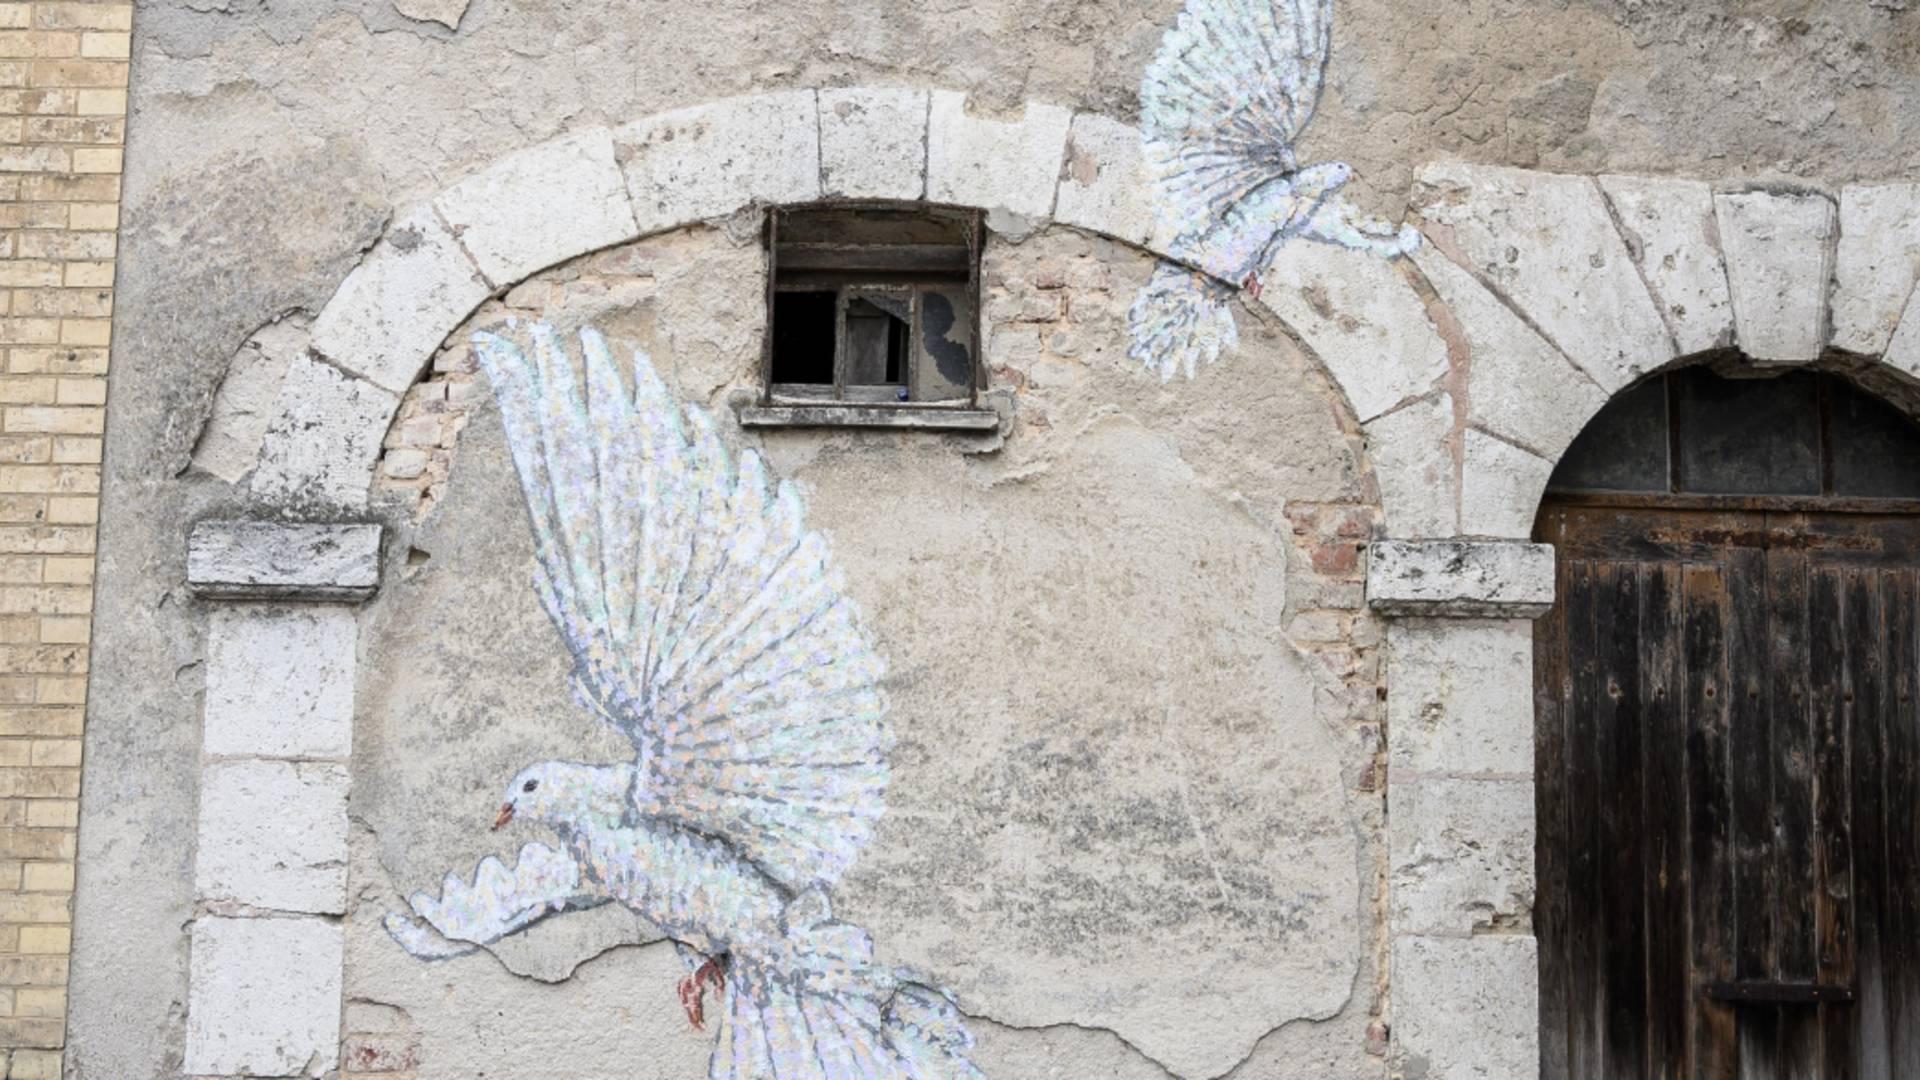 Colombes peintes sur la place de l'Étape au Vin à Chartres